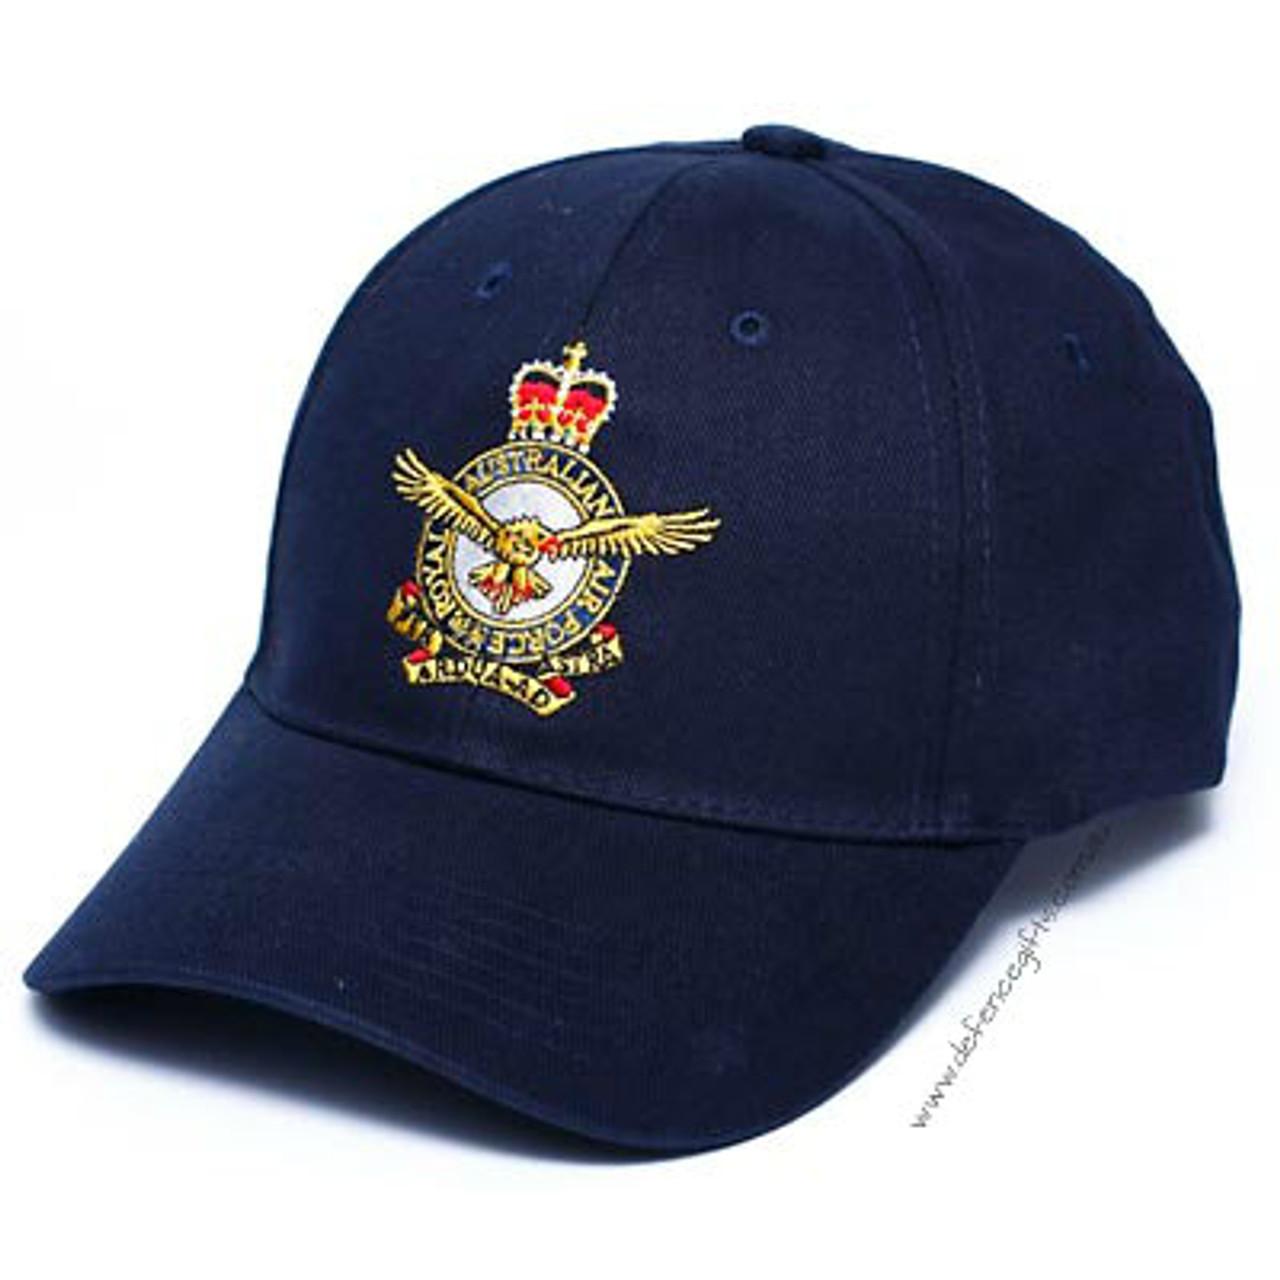 3fc8d6f8 Approved RAAF UNIFORM CAP